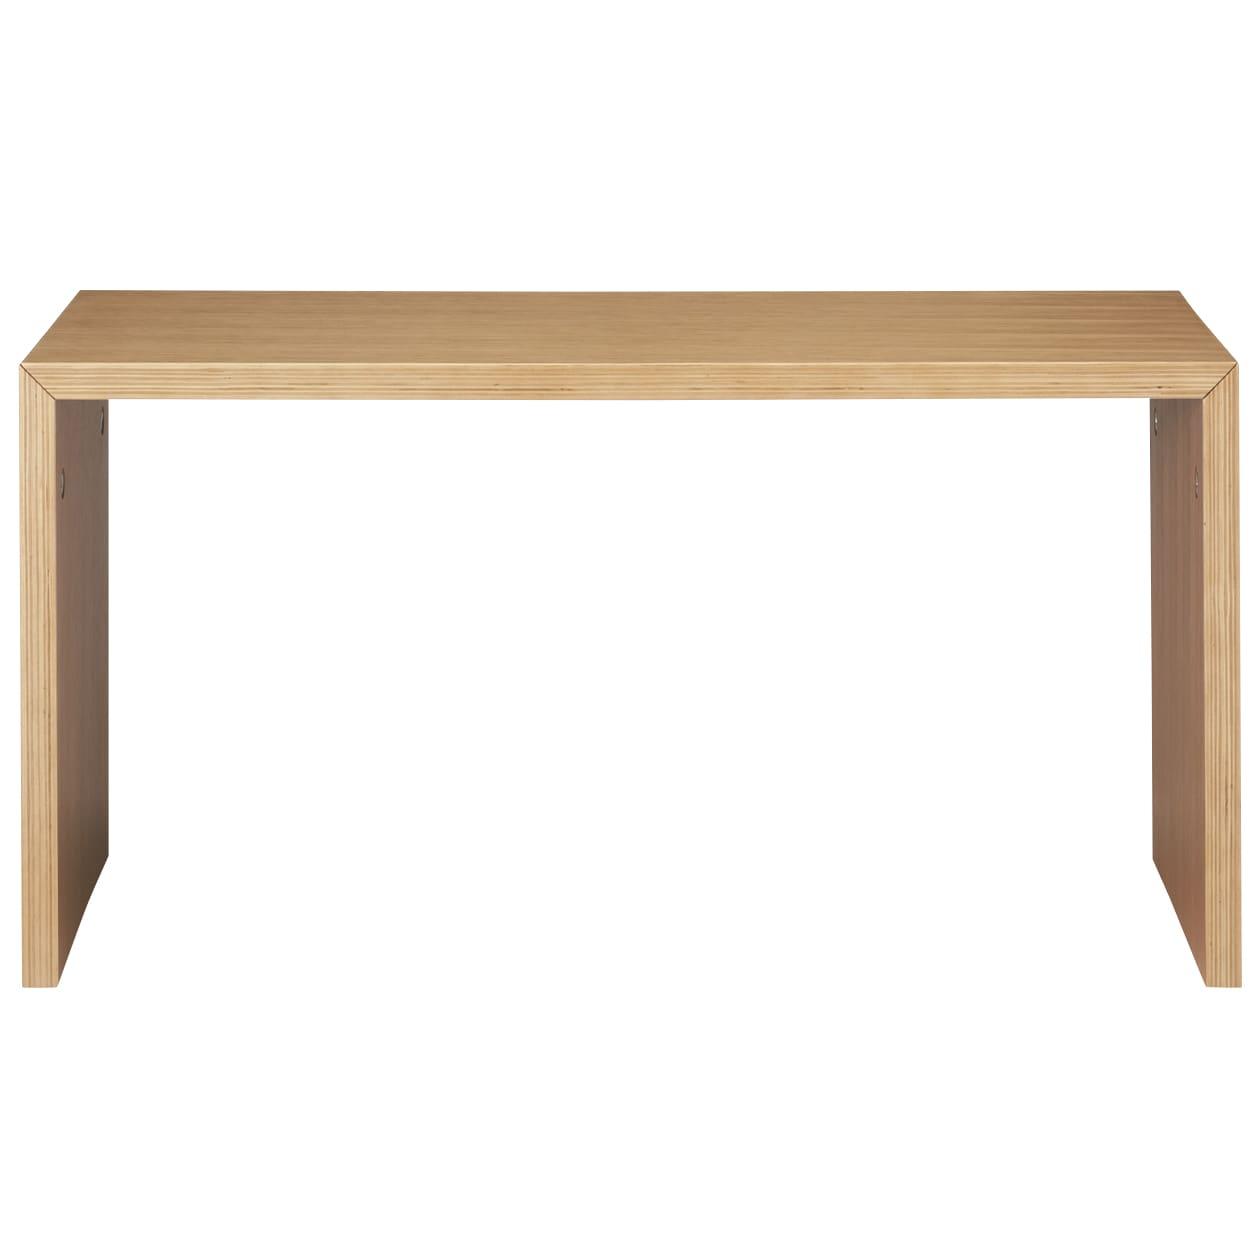 コの字の家具・積層合板・オーク材・幅70cm 幅70×奥行30×高さ35cm